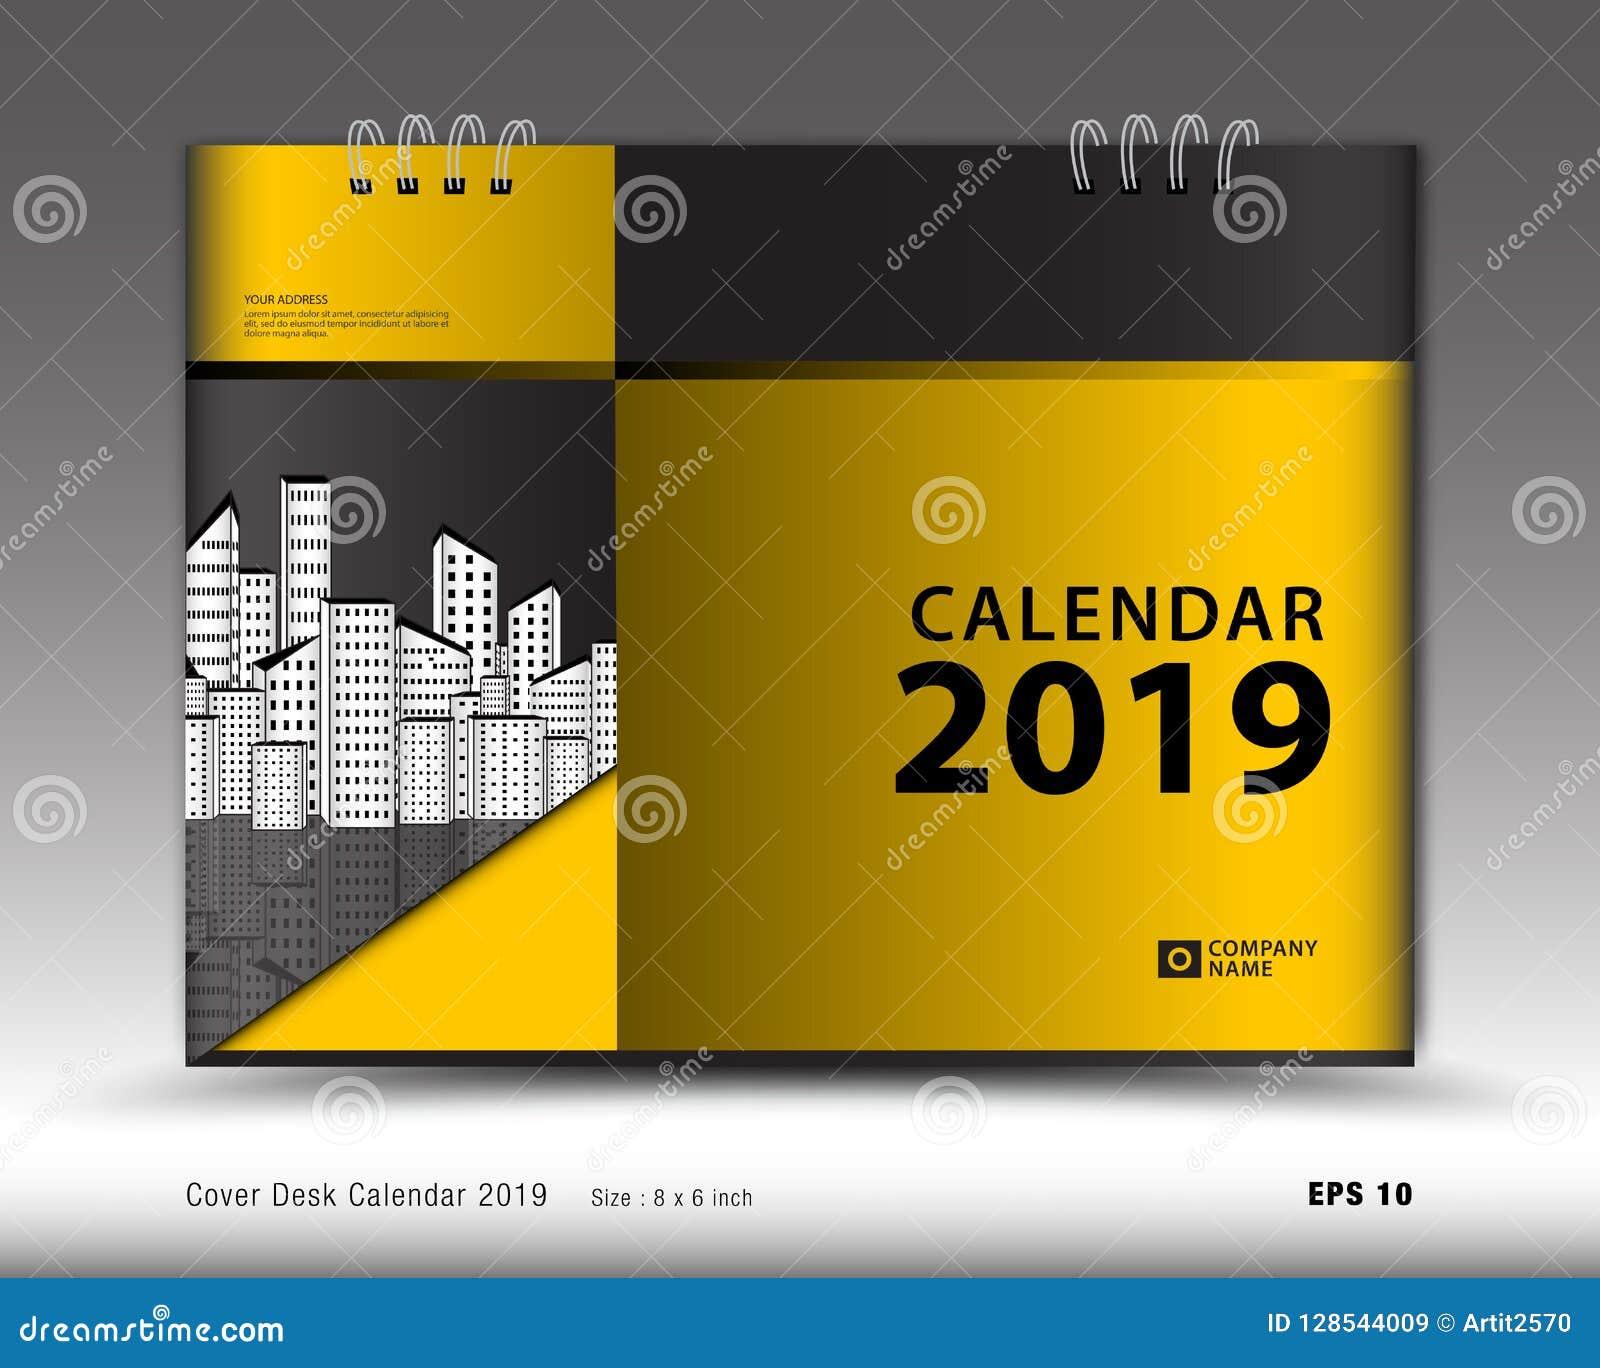 Ημερολόγιο γραφείων κάλυψης για το διάνυσμα προτύπων έτους του 2019, σχεδιάγραμμα κάλυψης βιβλίων, ετήσια έκθεση, αγγελίες περιοδ